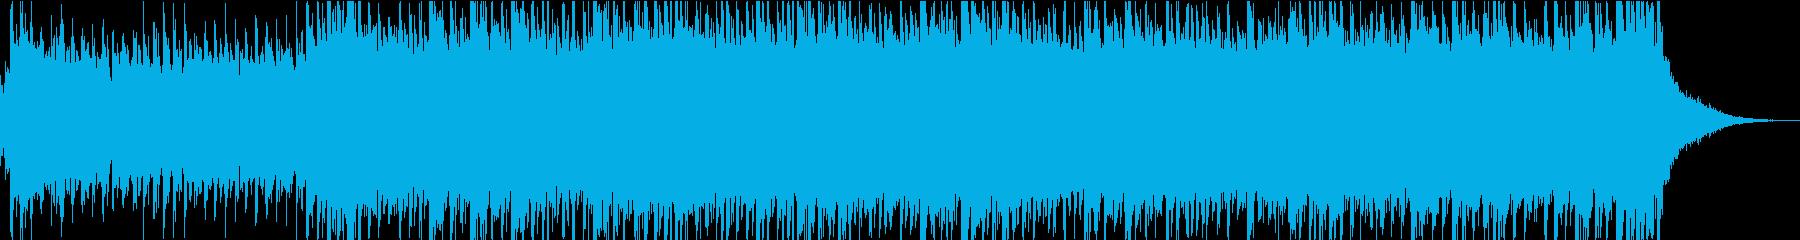 和風のテクノポップの再生済みの波形